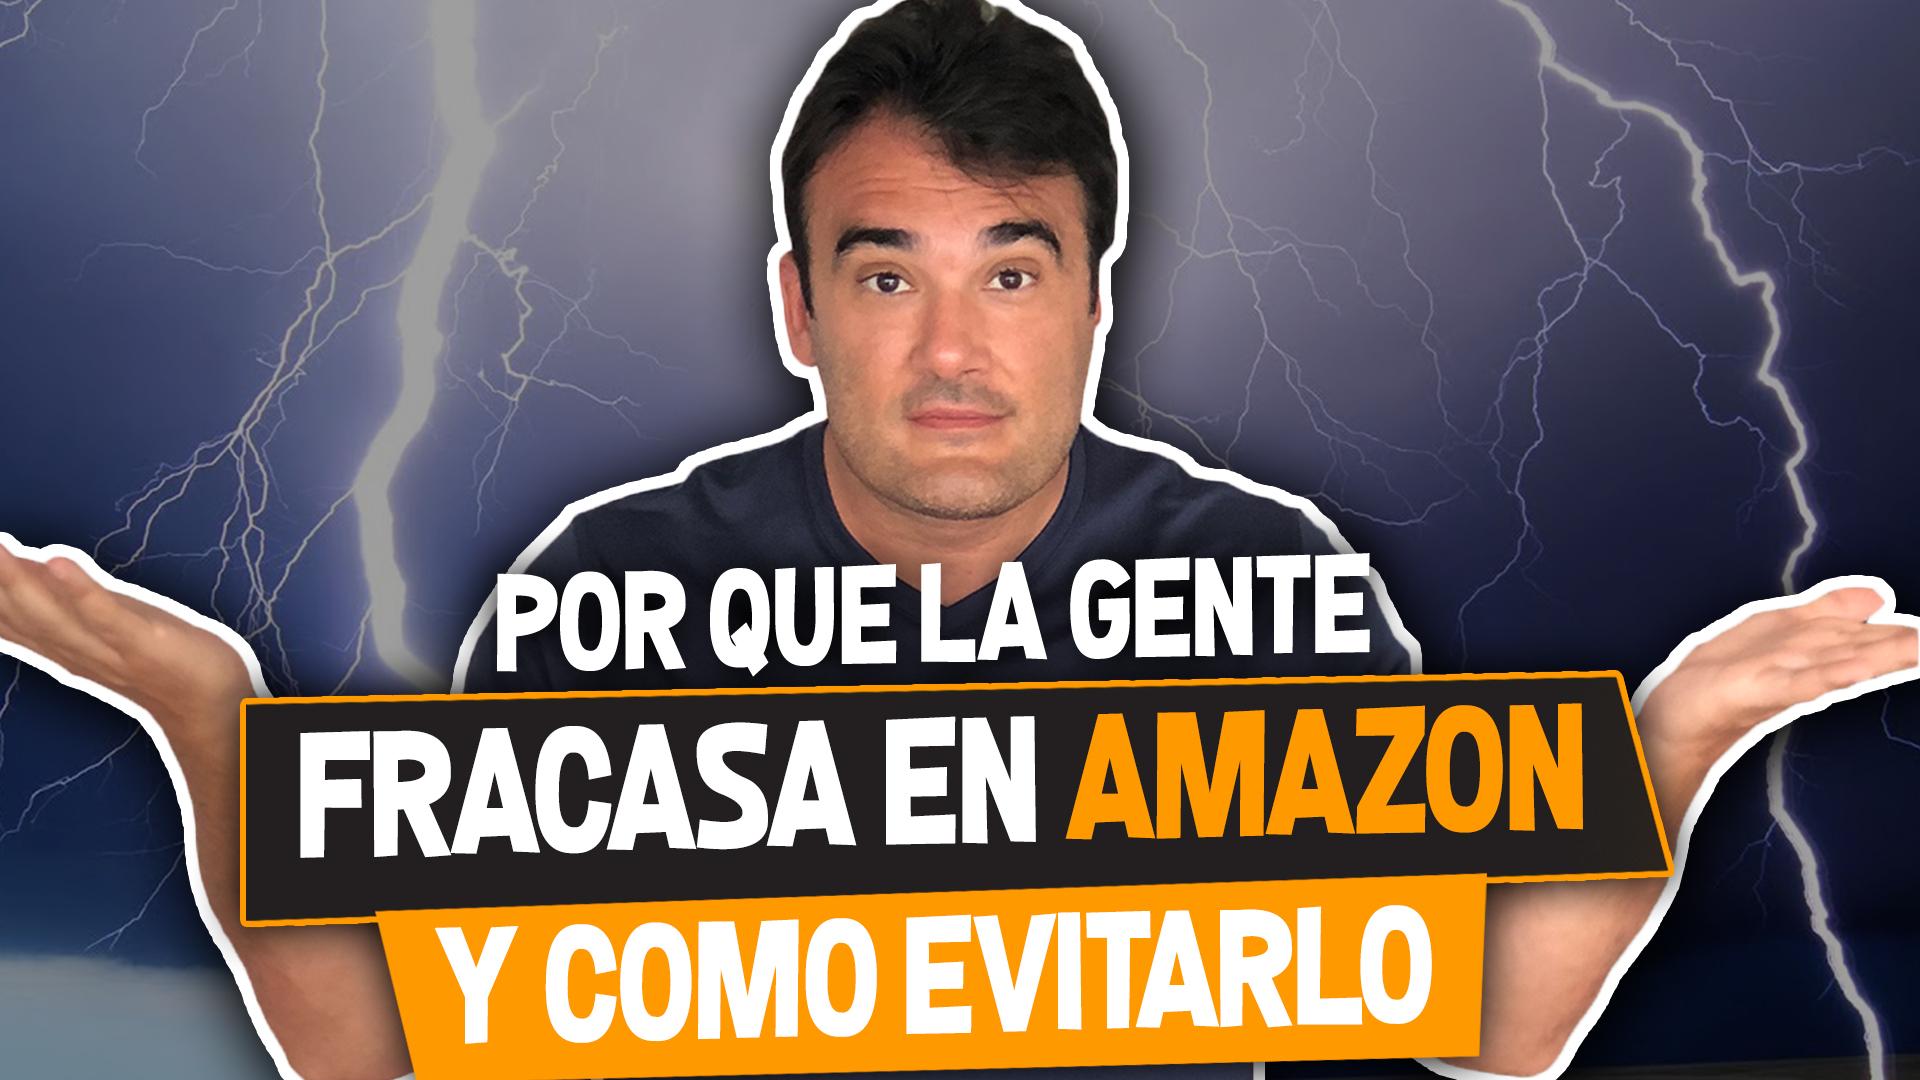 ¿POR QUE LA GENTE FRACASA EN AMAZON?